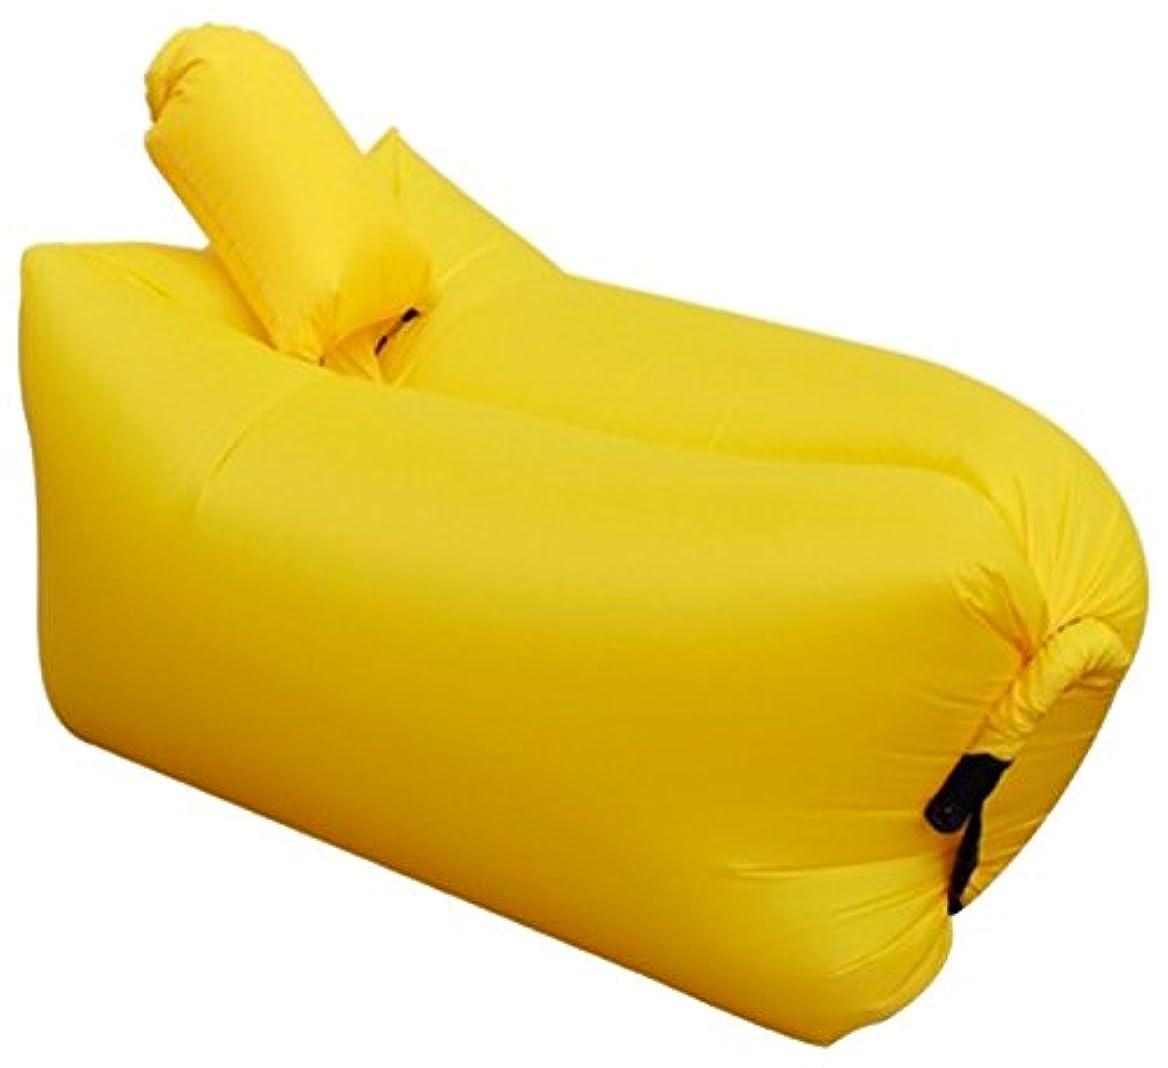 ボリュームブレークアルミニウムHeaven Days(ヘブンデイズ) 空気入れ簡単 枕付き エアーソファ アウトドア エアーベッド エアーマット キャンプ 17040232